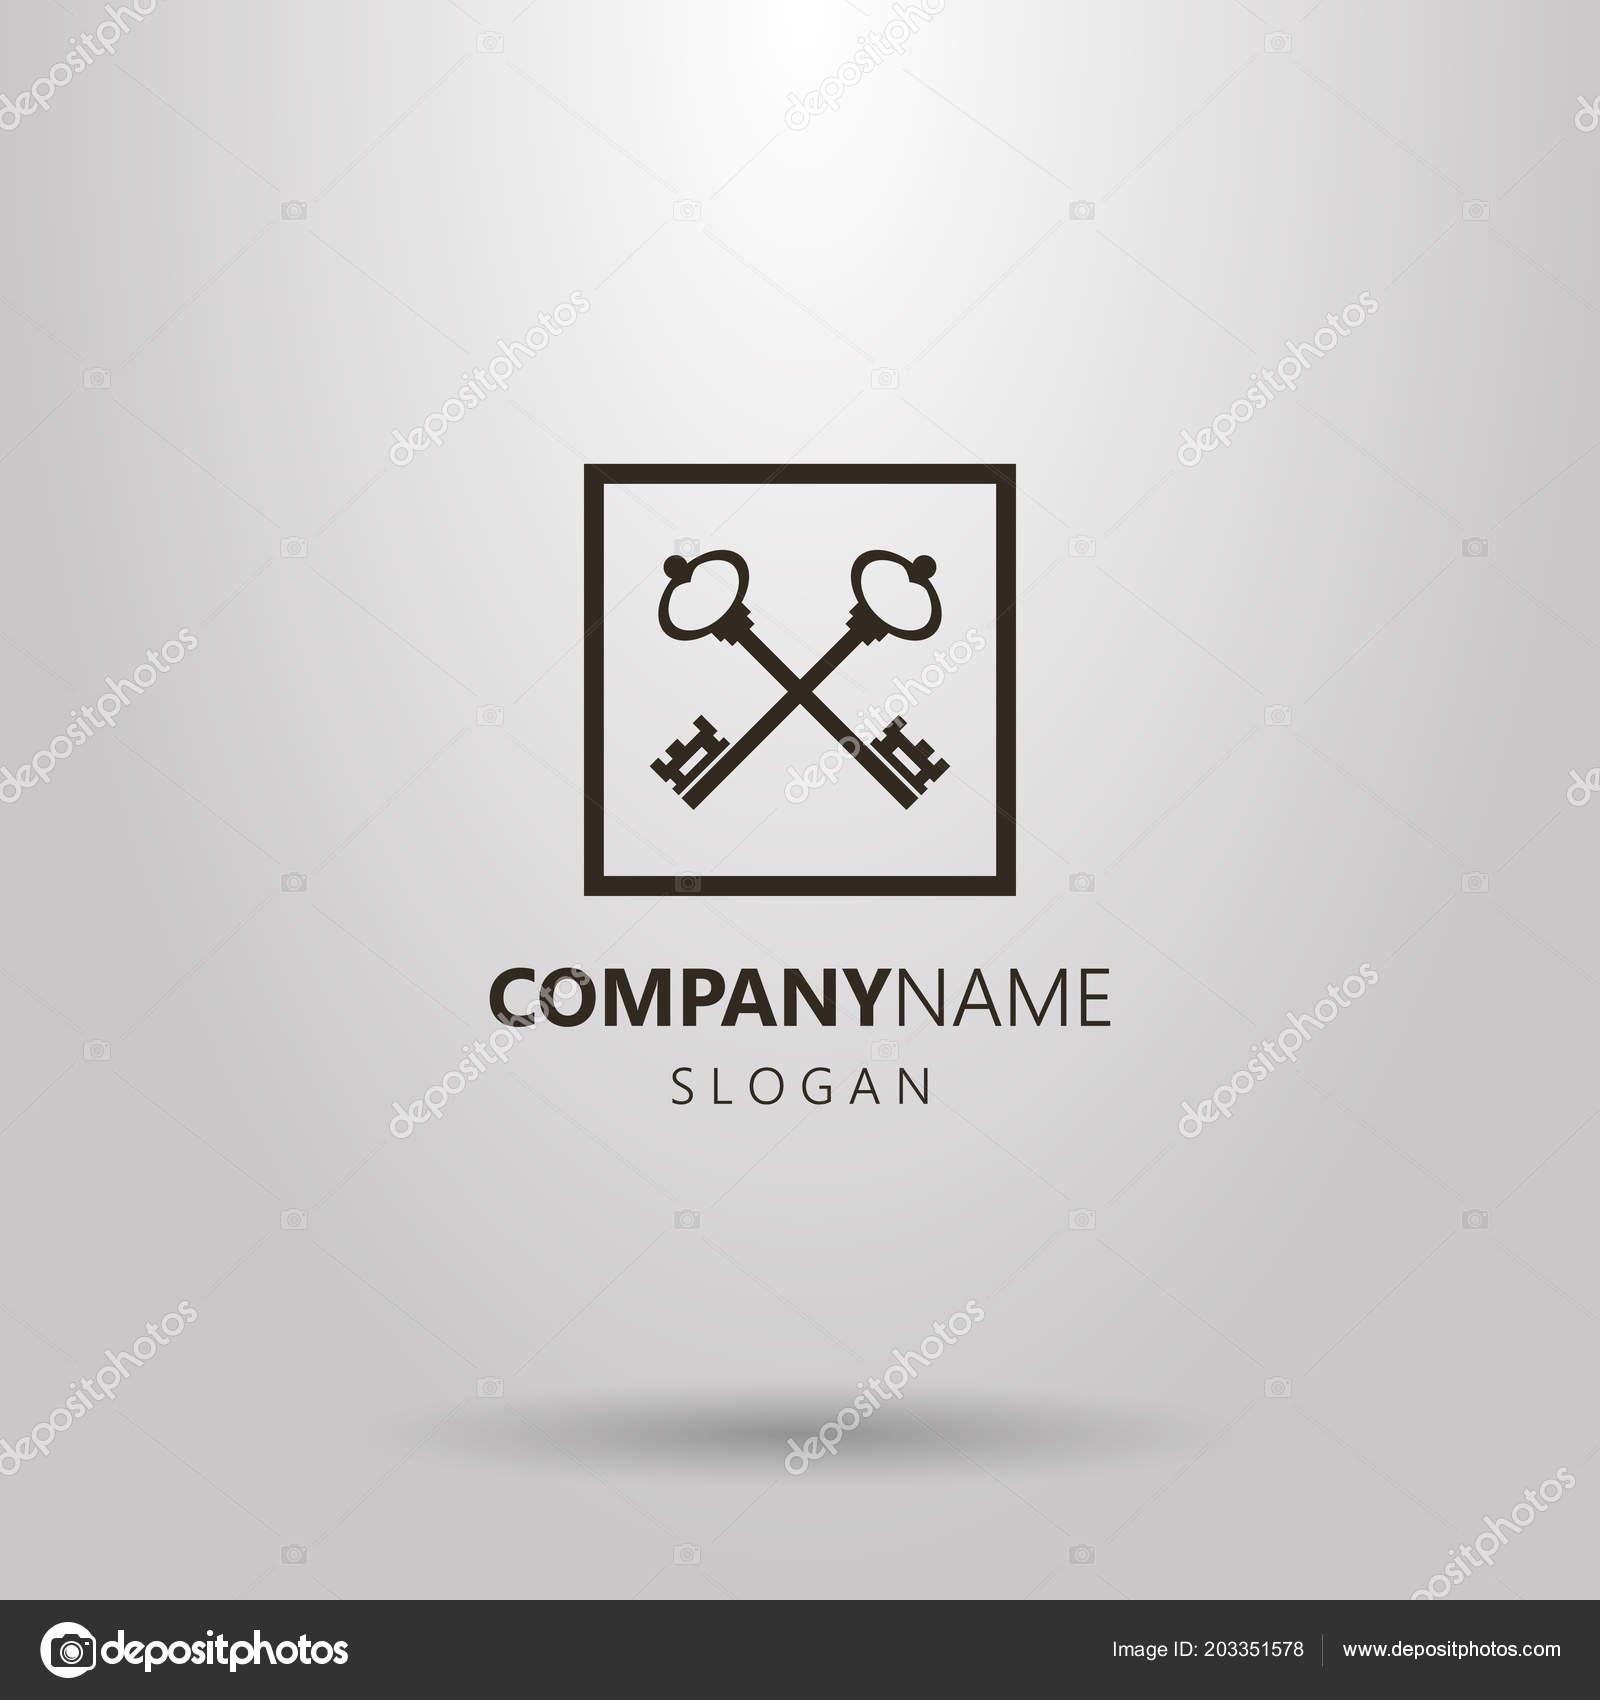 Logotipo Vetor Simples Preto Branco Duas Chaves Cruzadas Uma Moldura